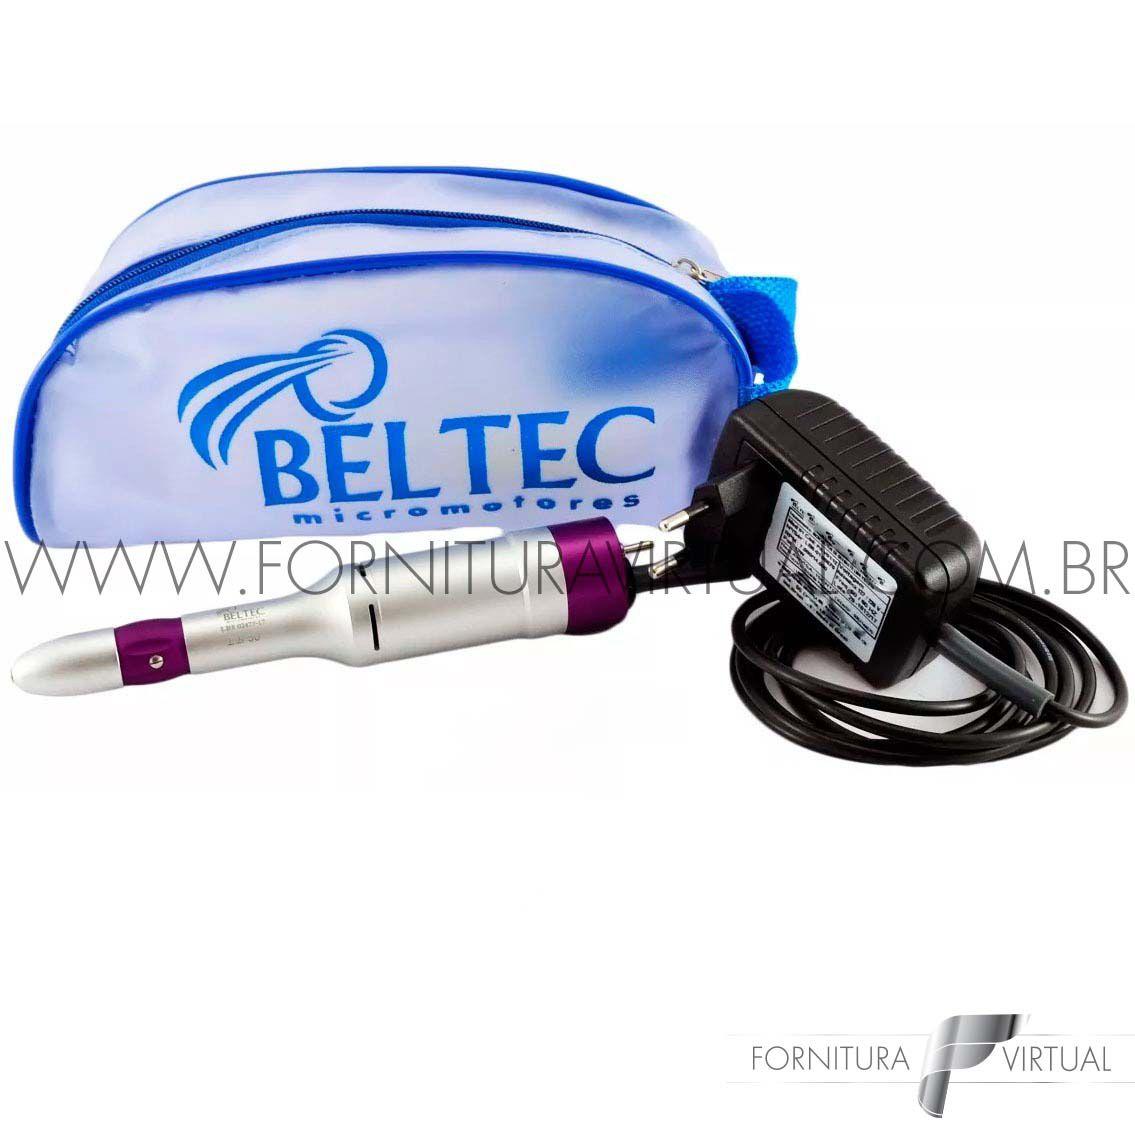 Micro motor de mão Beltec LB 50